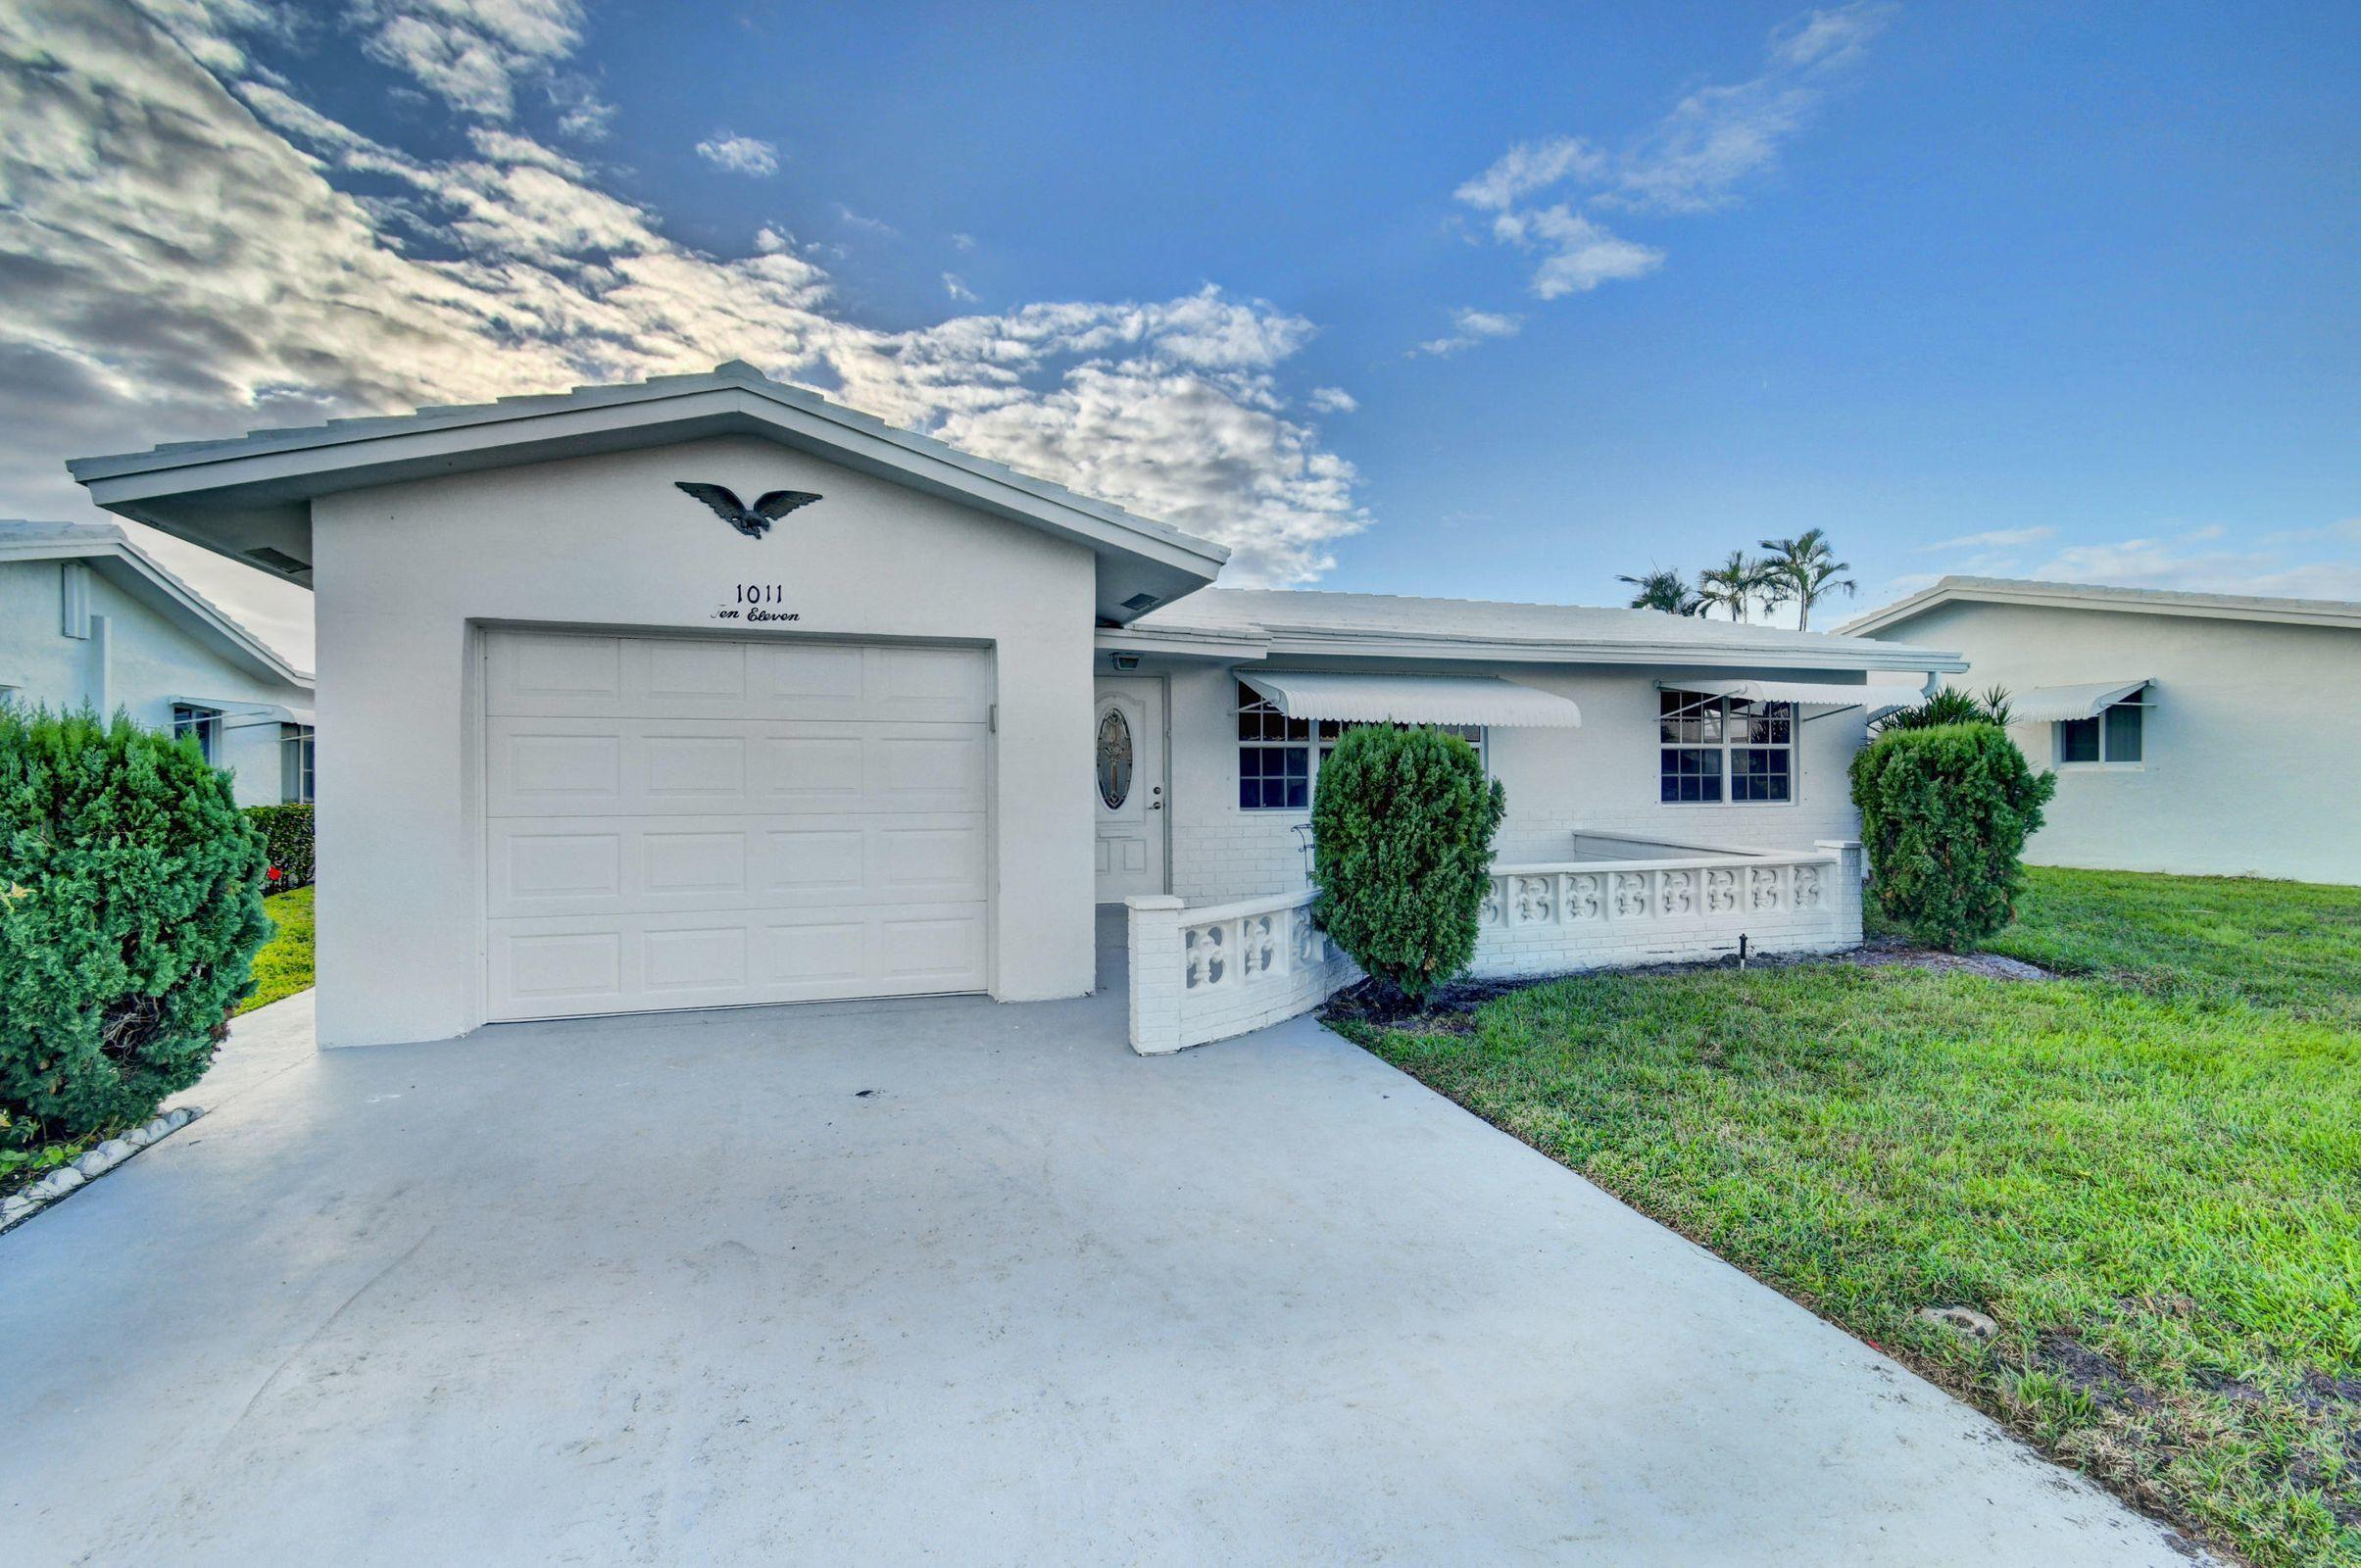 1011 SW 17th Street - 33426 - FL - Boynton Beach